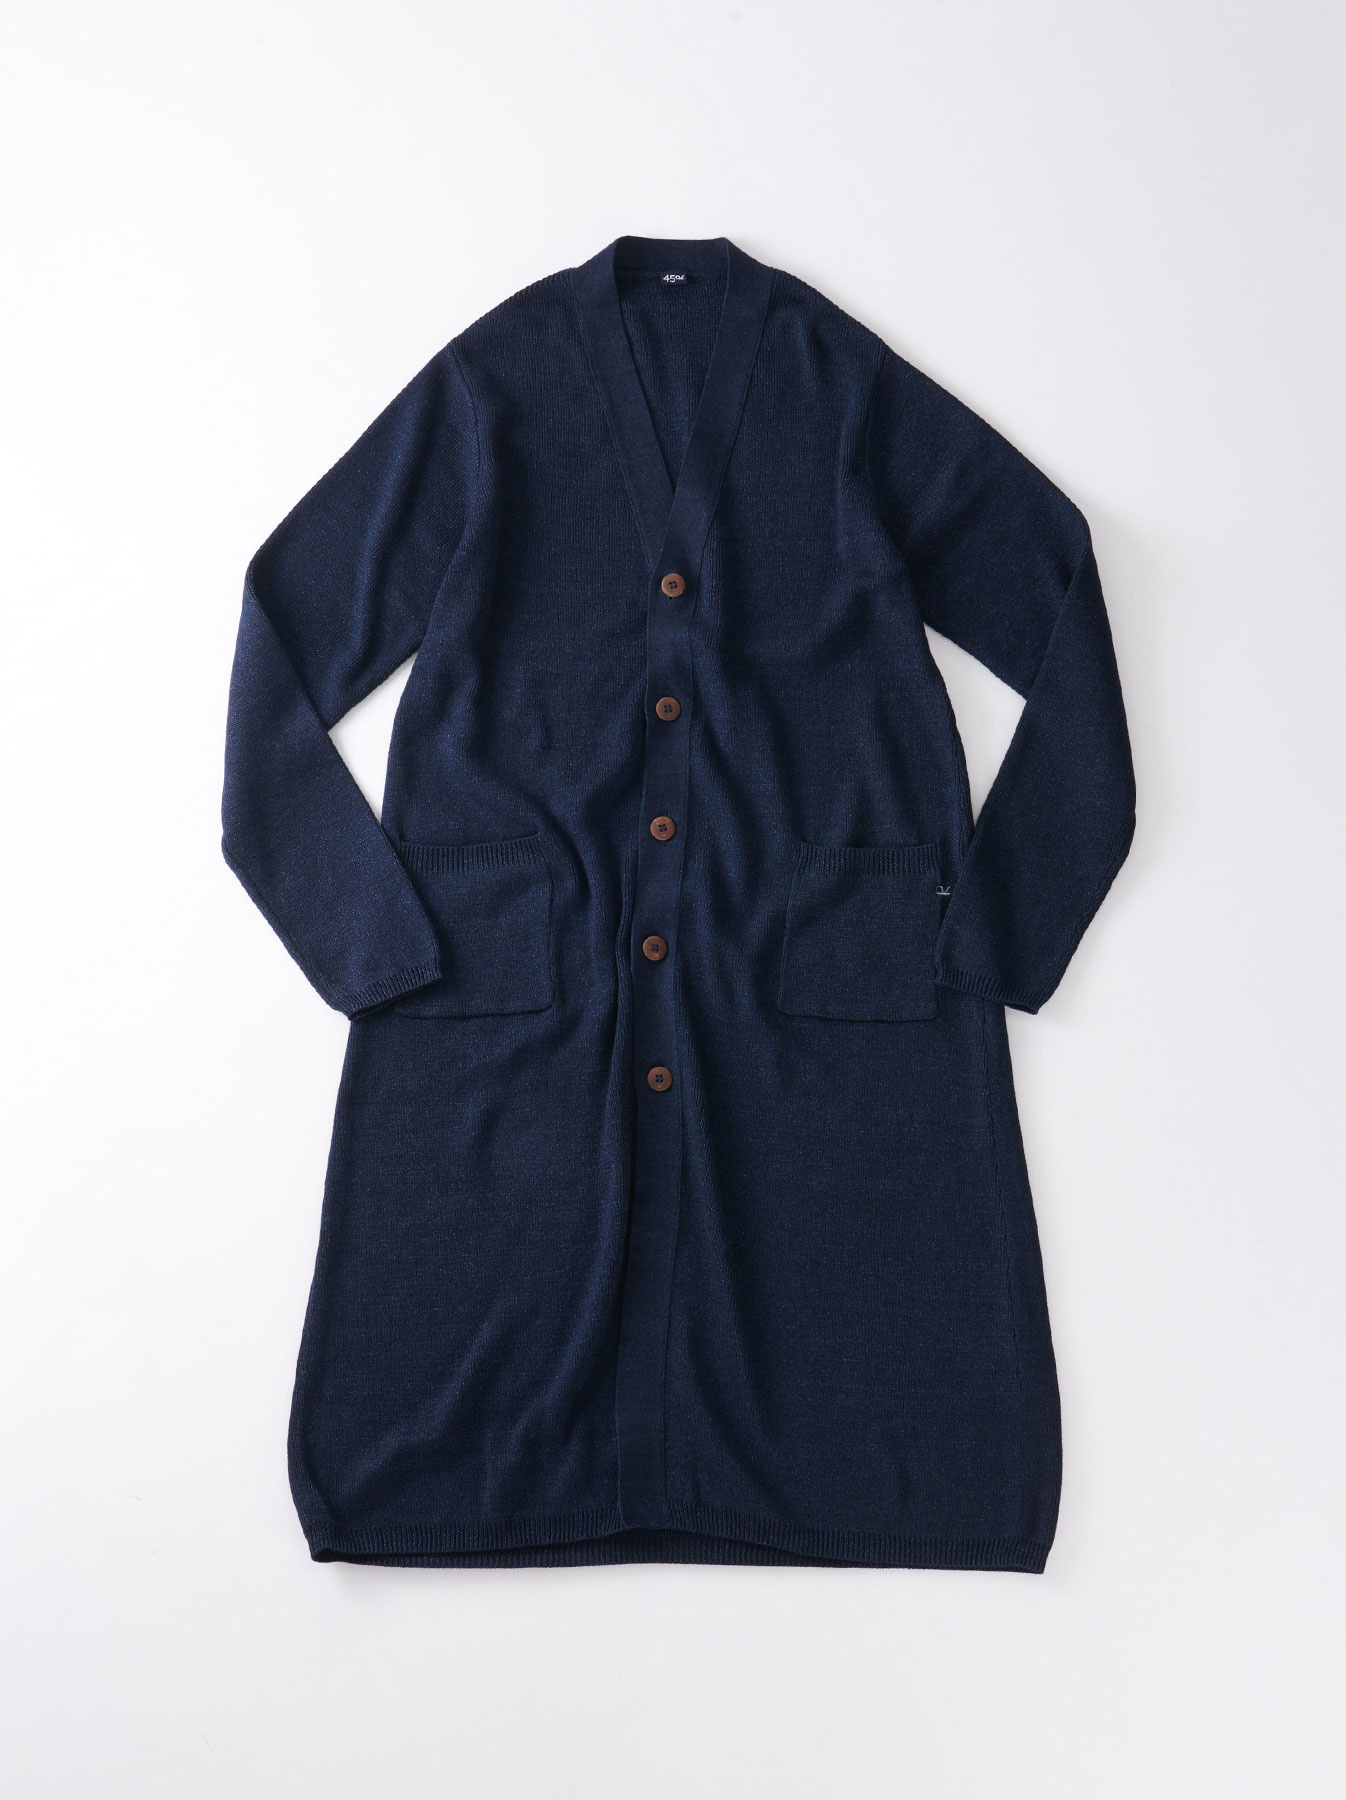 WH Indigo Supima Knit-sew Coat-1